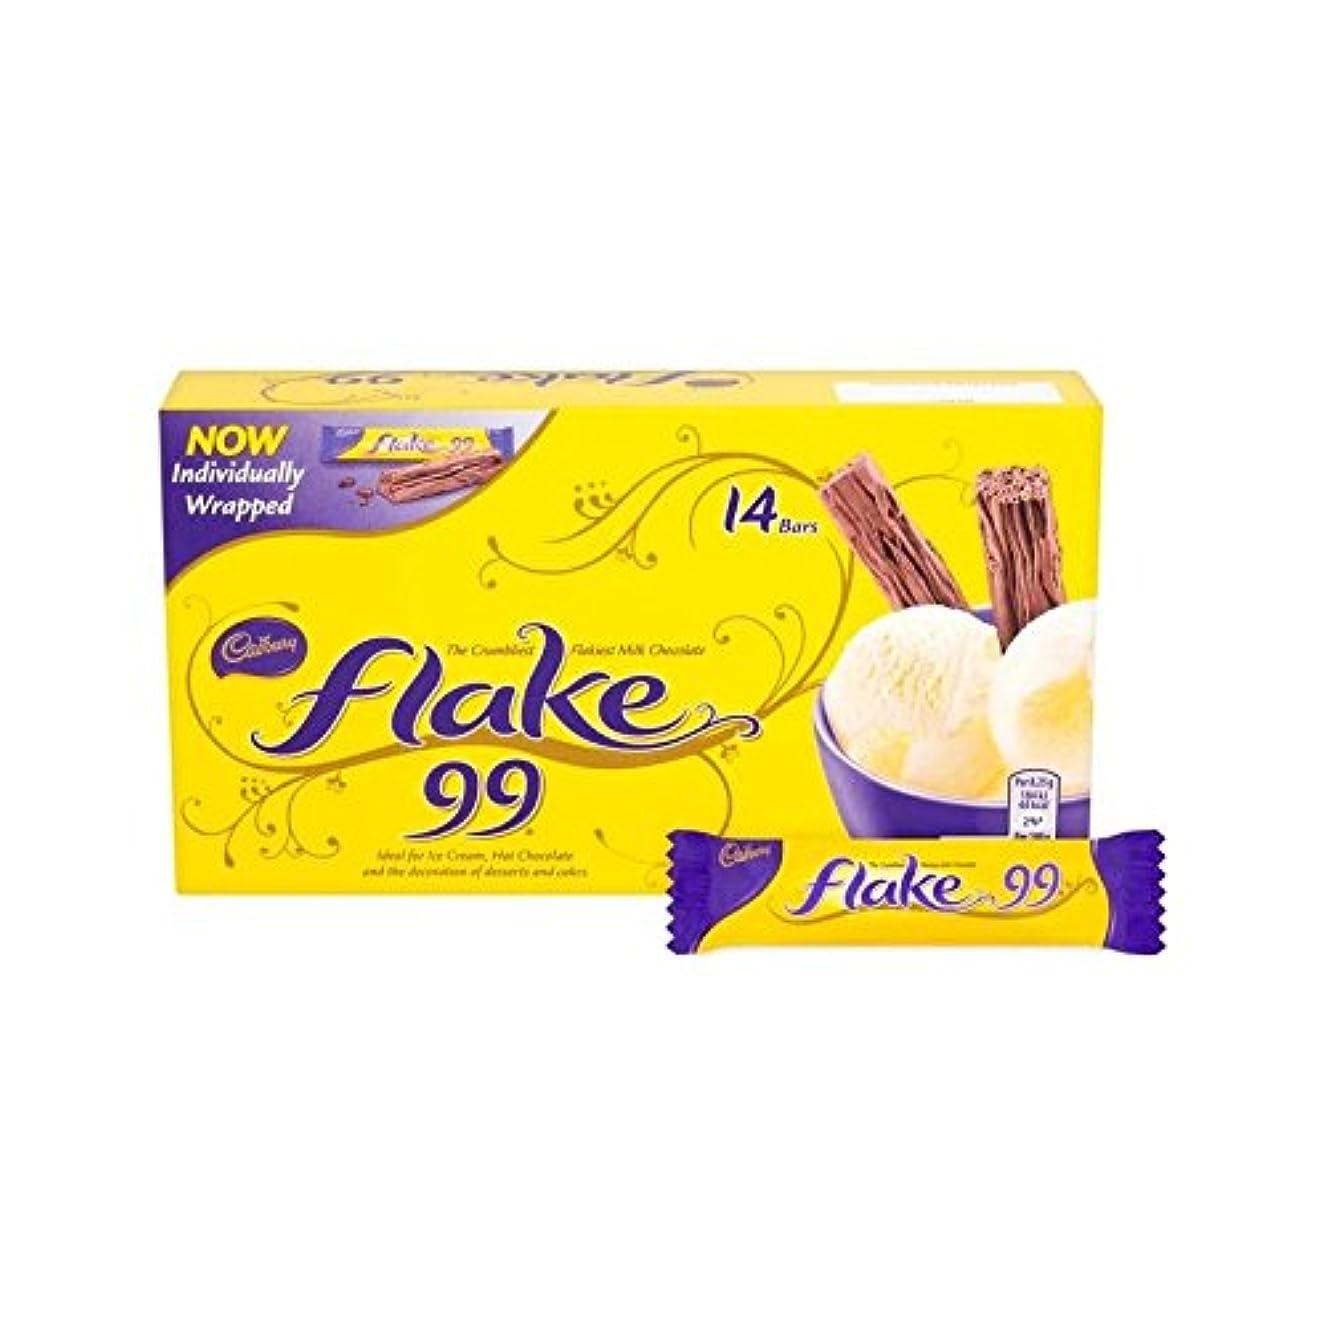 デクリメント収束する感染するフレーク99パック114グラムあたりのチョコレート14 (Cadbury) - Cadbury Flake 99 Chocolate 14 per pack 114g